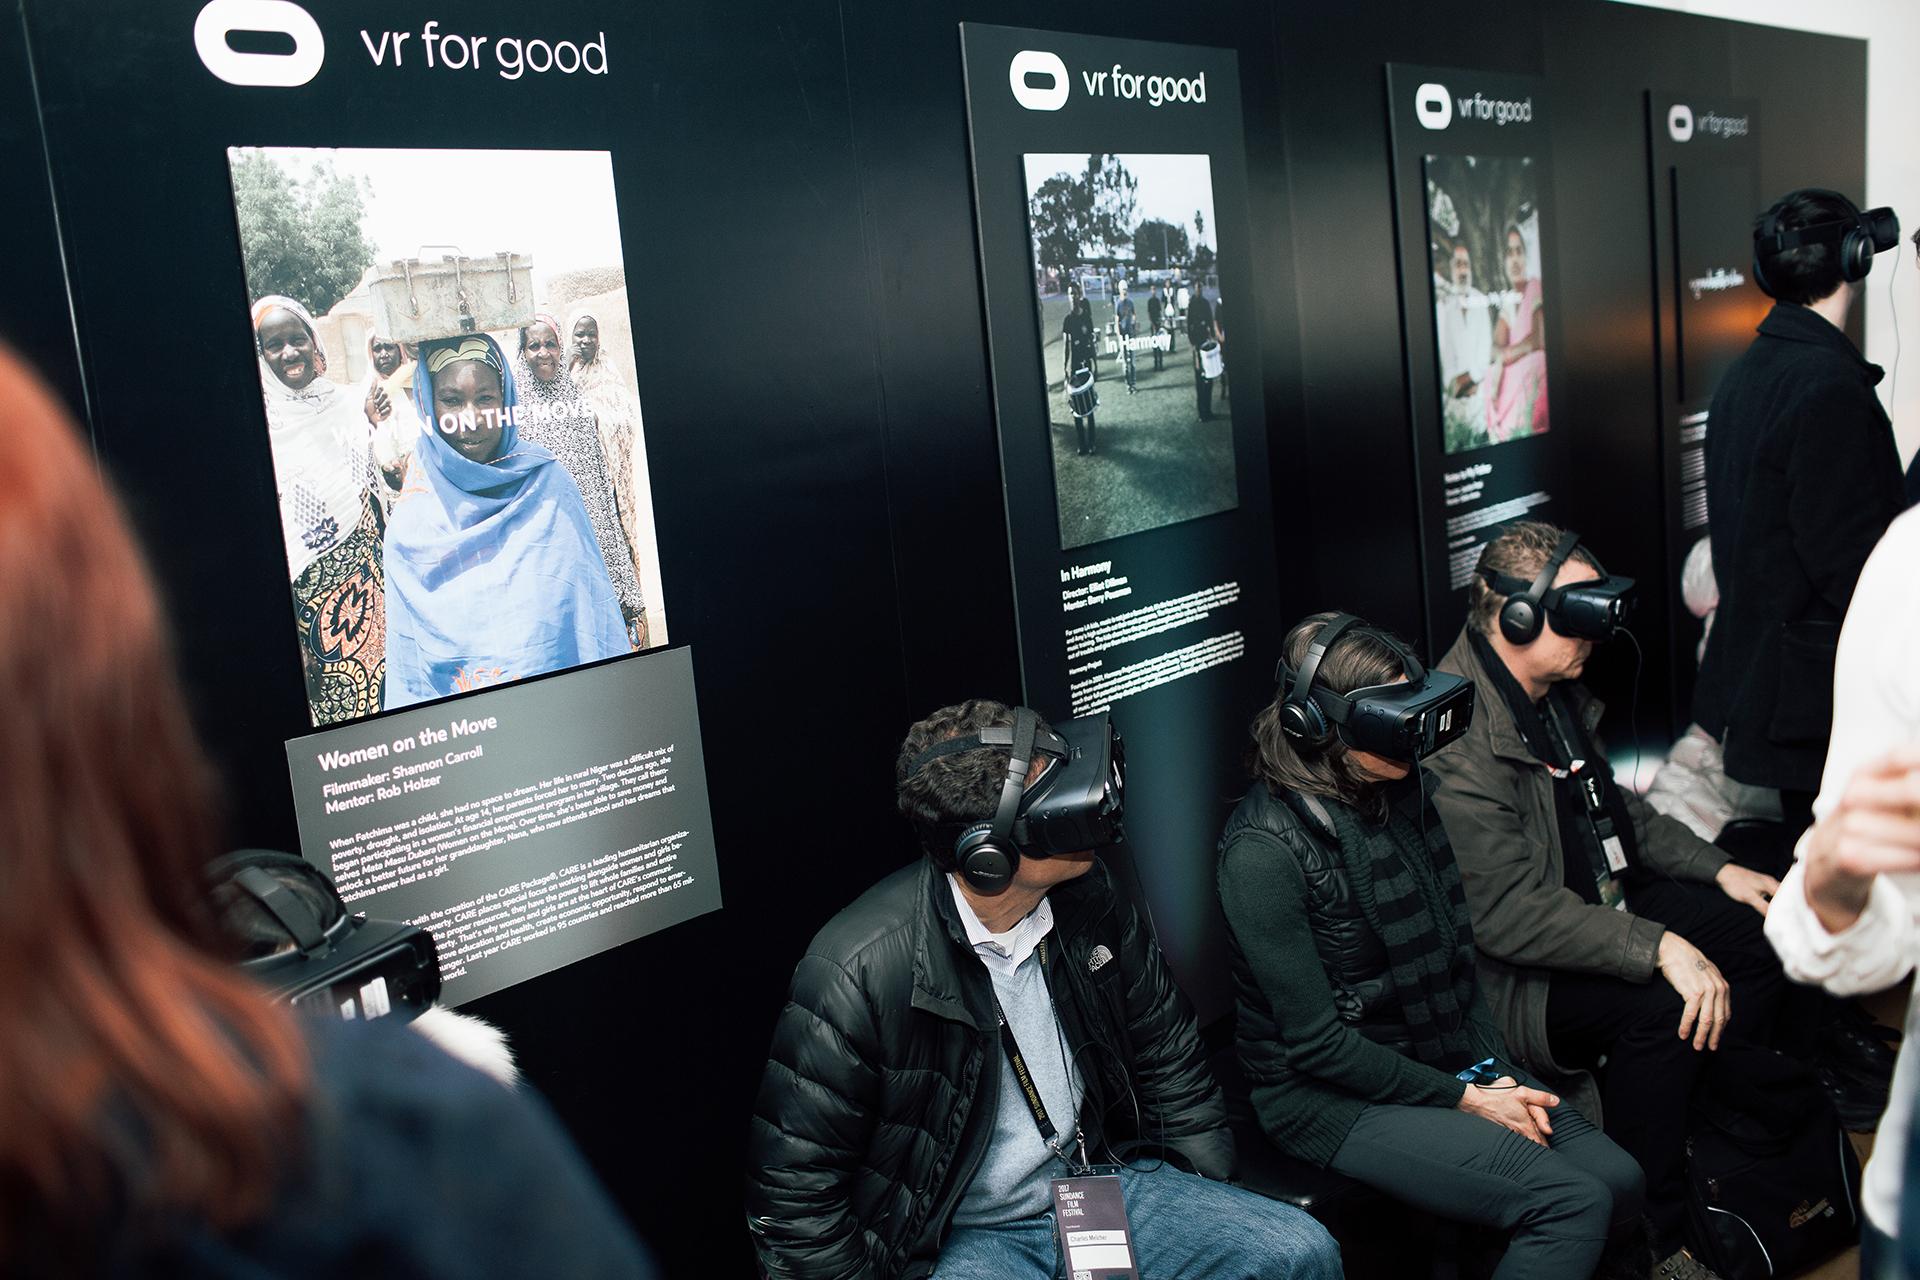 Oculus House_Jan22_VRforGood_CN_0208.jpg